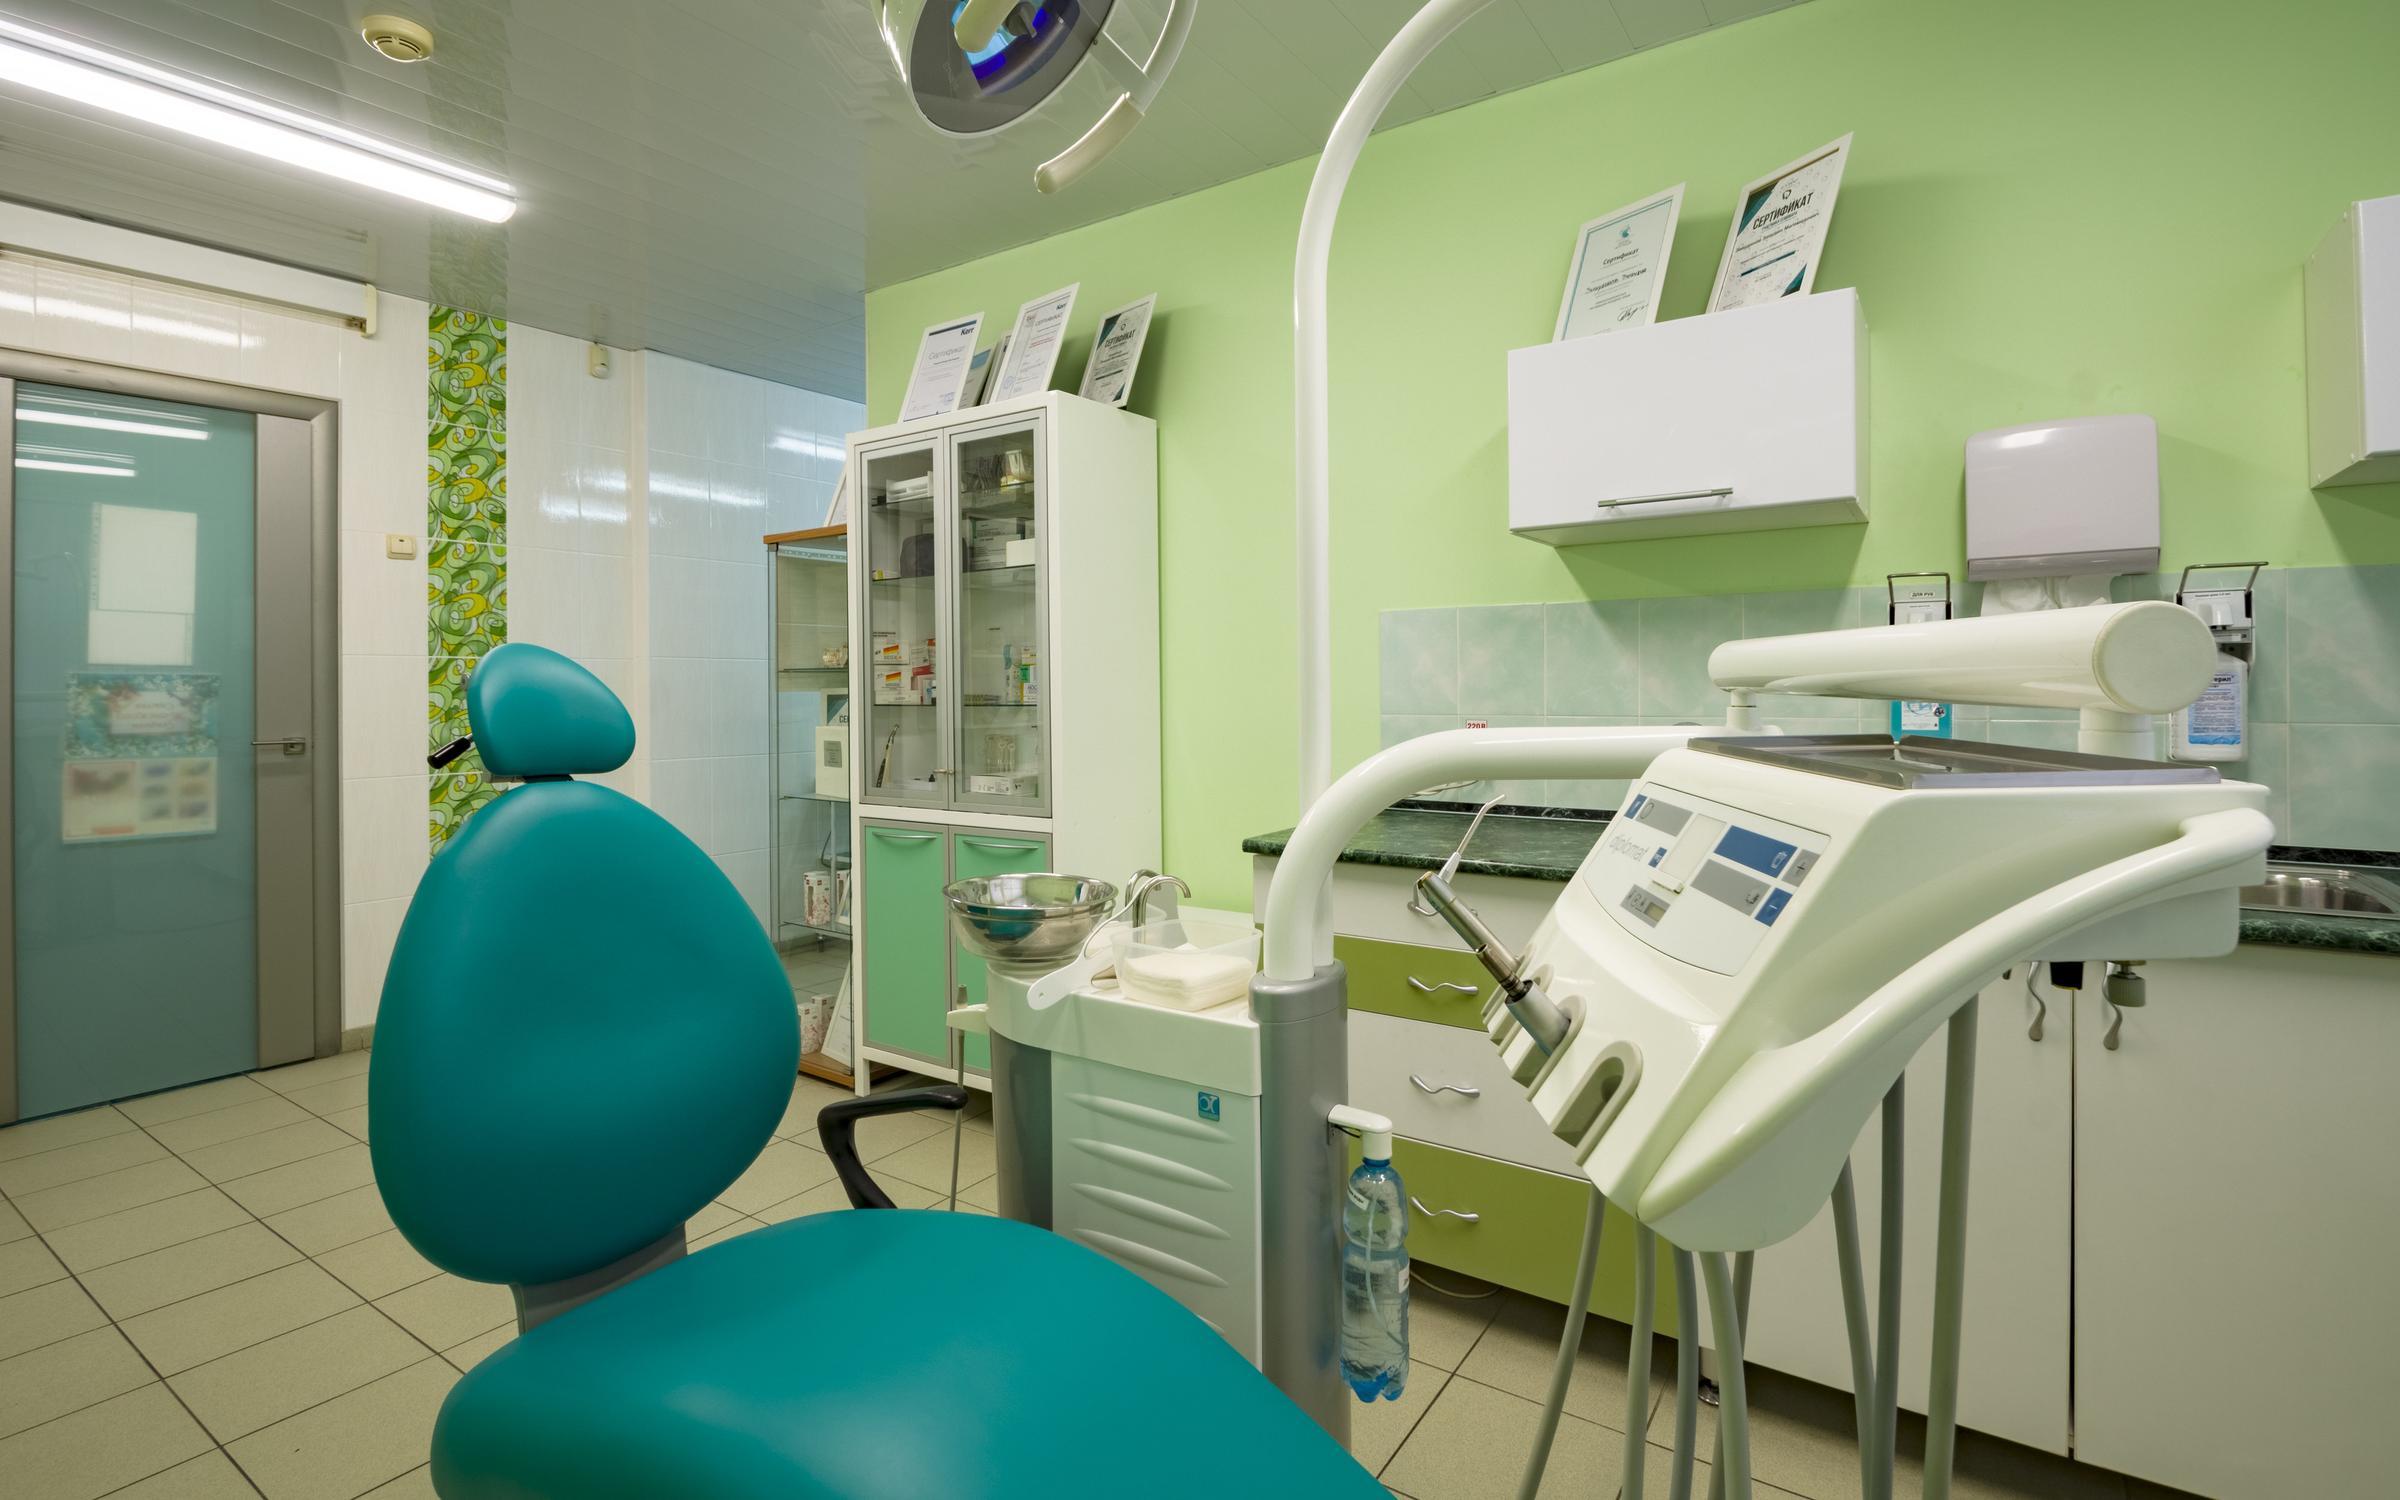 фотография Стоматологического кабинета Стоматология-гарант на Московском шоссе